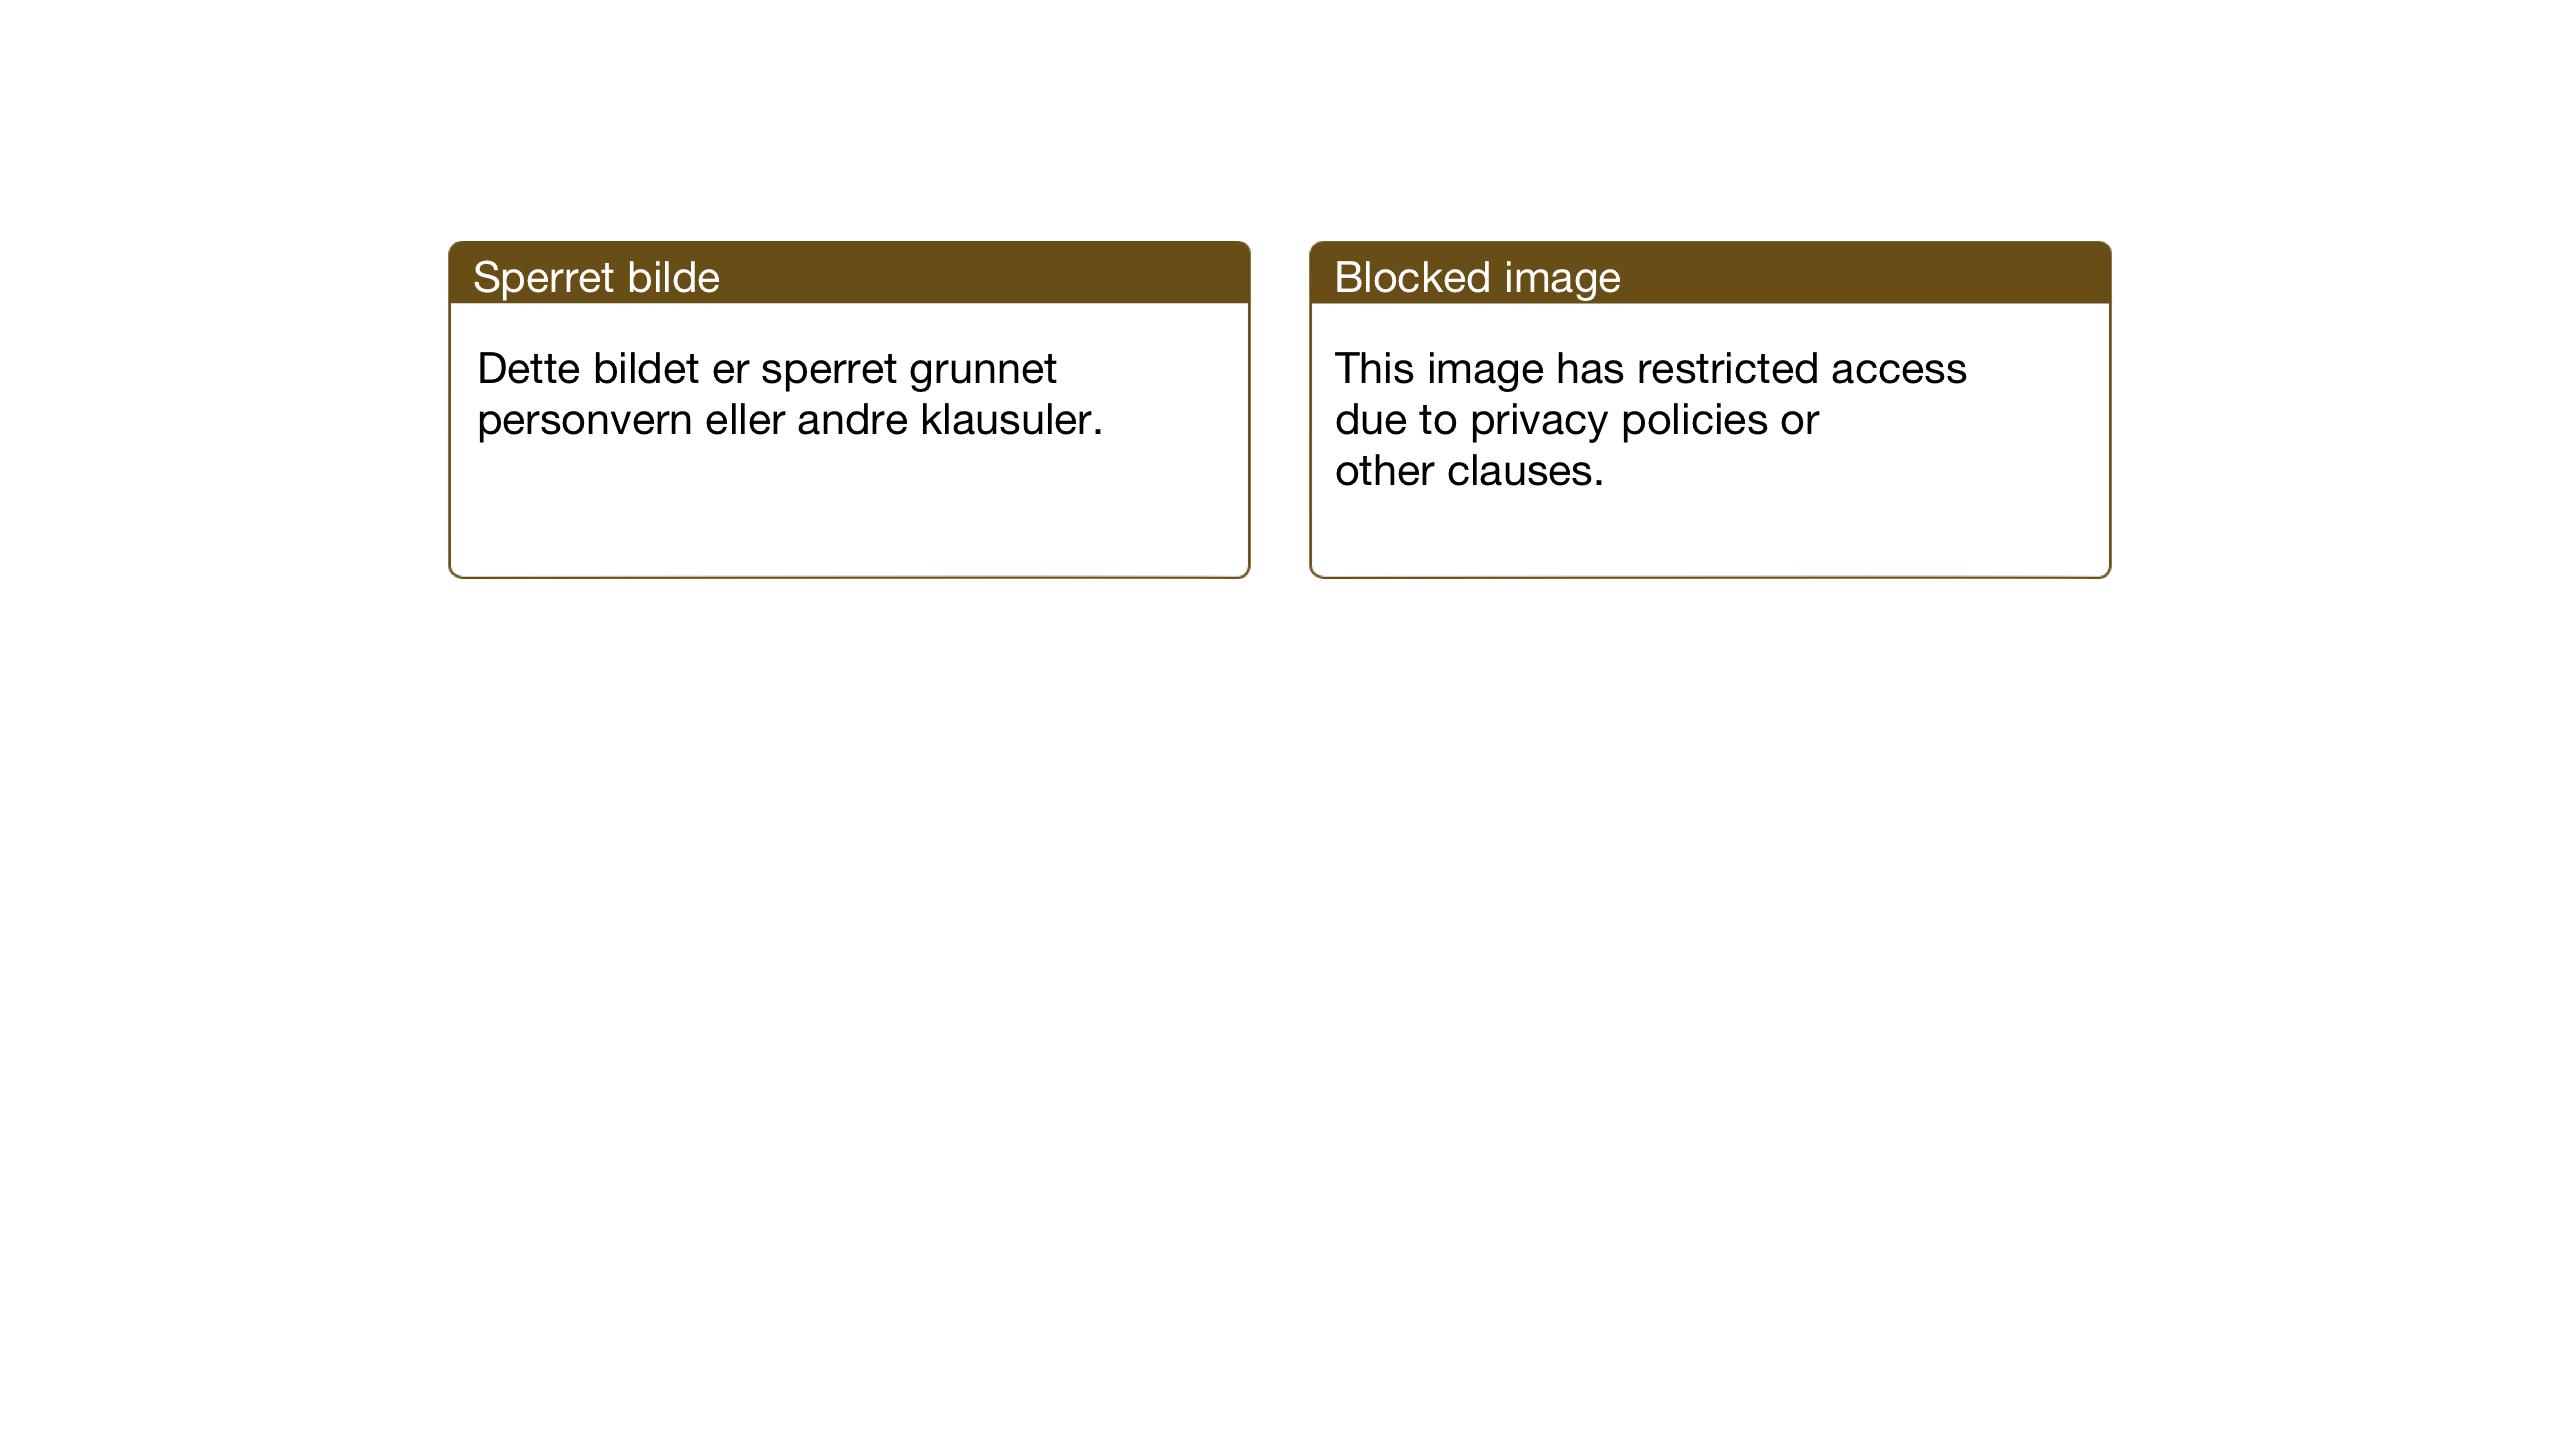 SAT, Ministerialprotokoller, klokkerbøker og fødselsregistre - Nord-Trøndelag, 740/L0384: Klokkerbok nr. 740C05, 1939-1946, s. 11